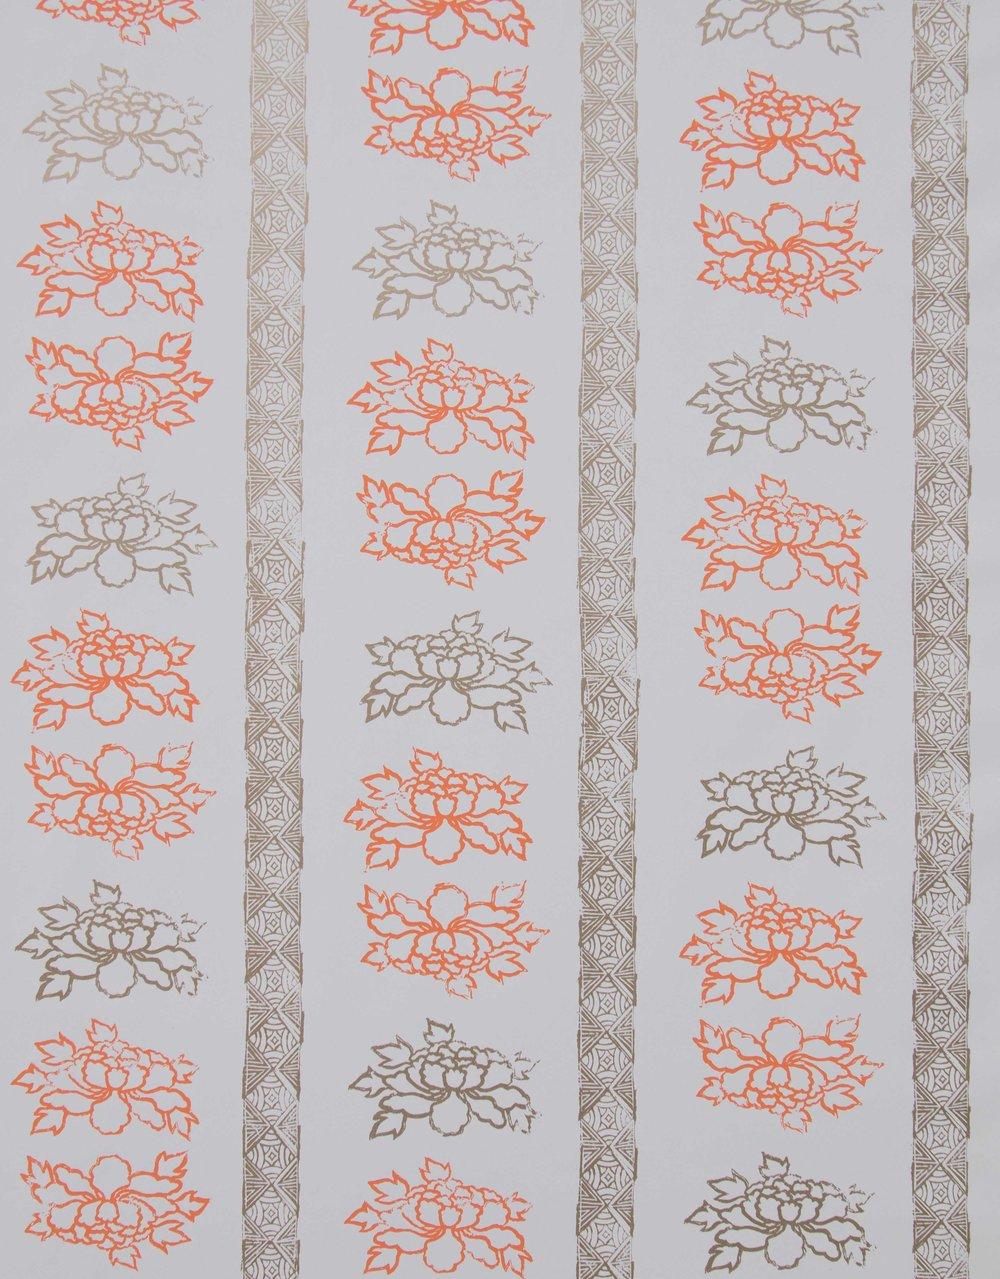 Floral Stripe in Tangerine, SL140-01